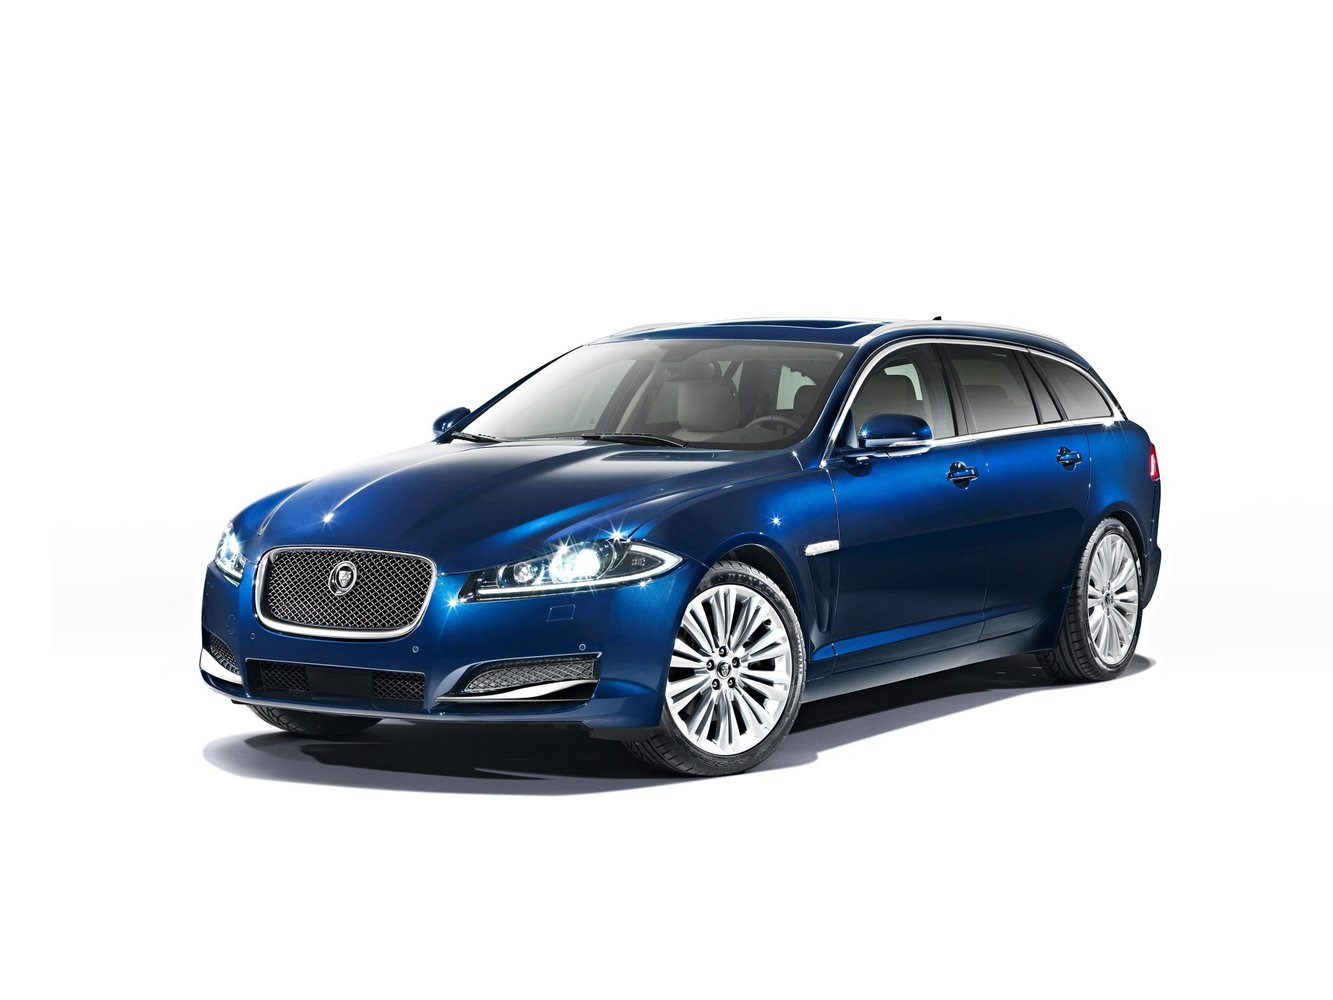 Jaguar xfr-s sportbrake (2015) › характеристики, описание, цена и фото ягуар хфр-с спортбрейк › autozov.ru